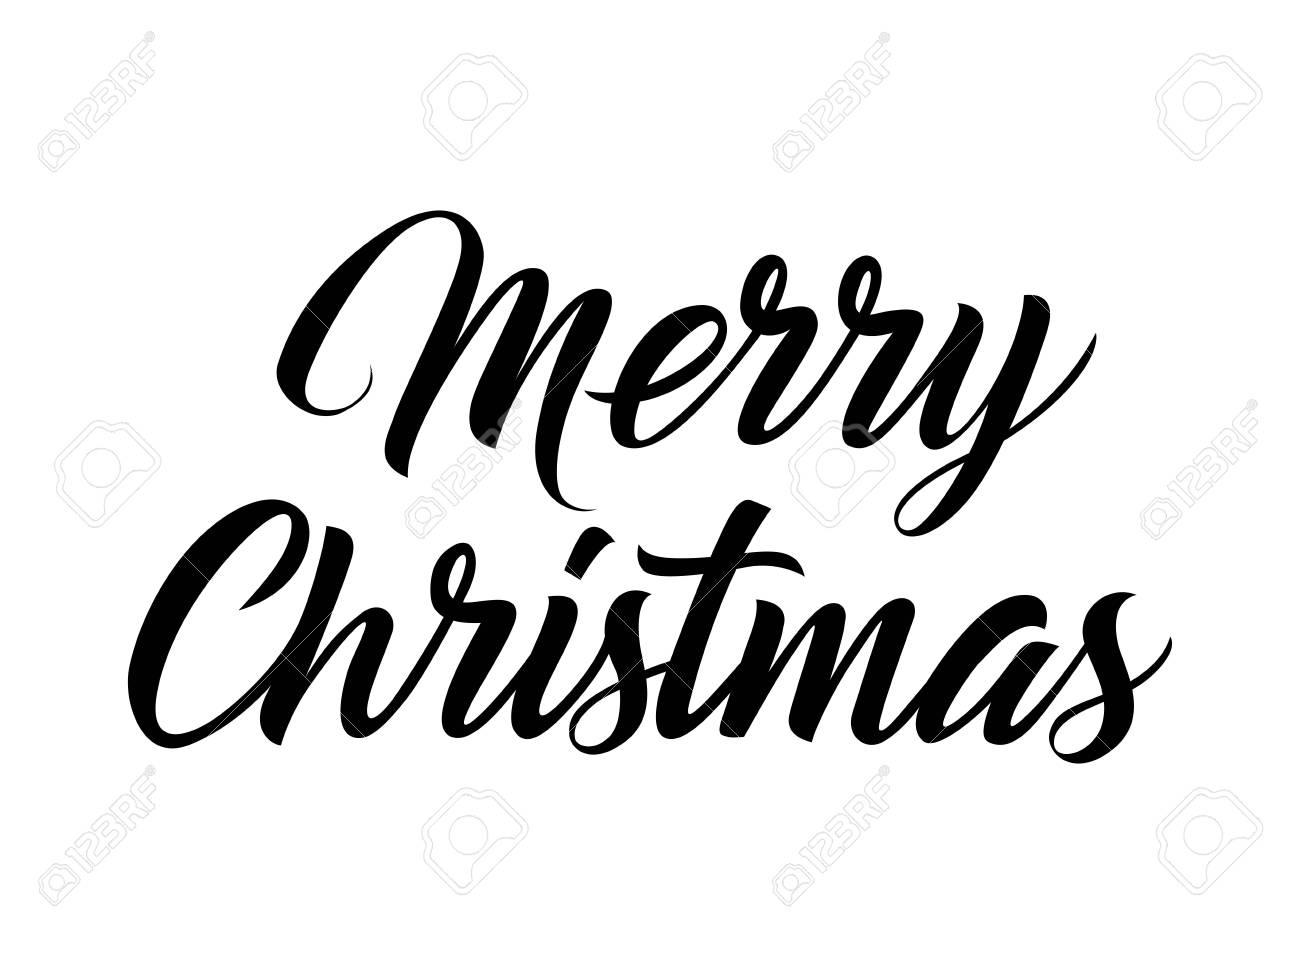 Christmas Lettering.Merry Christmas Lettering Christmas Design Element Handwritten